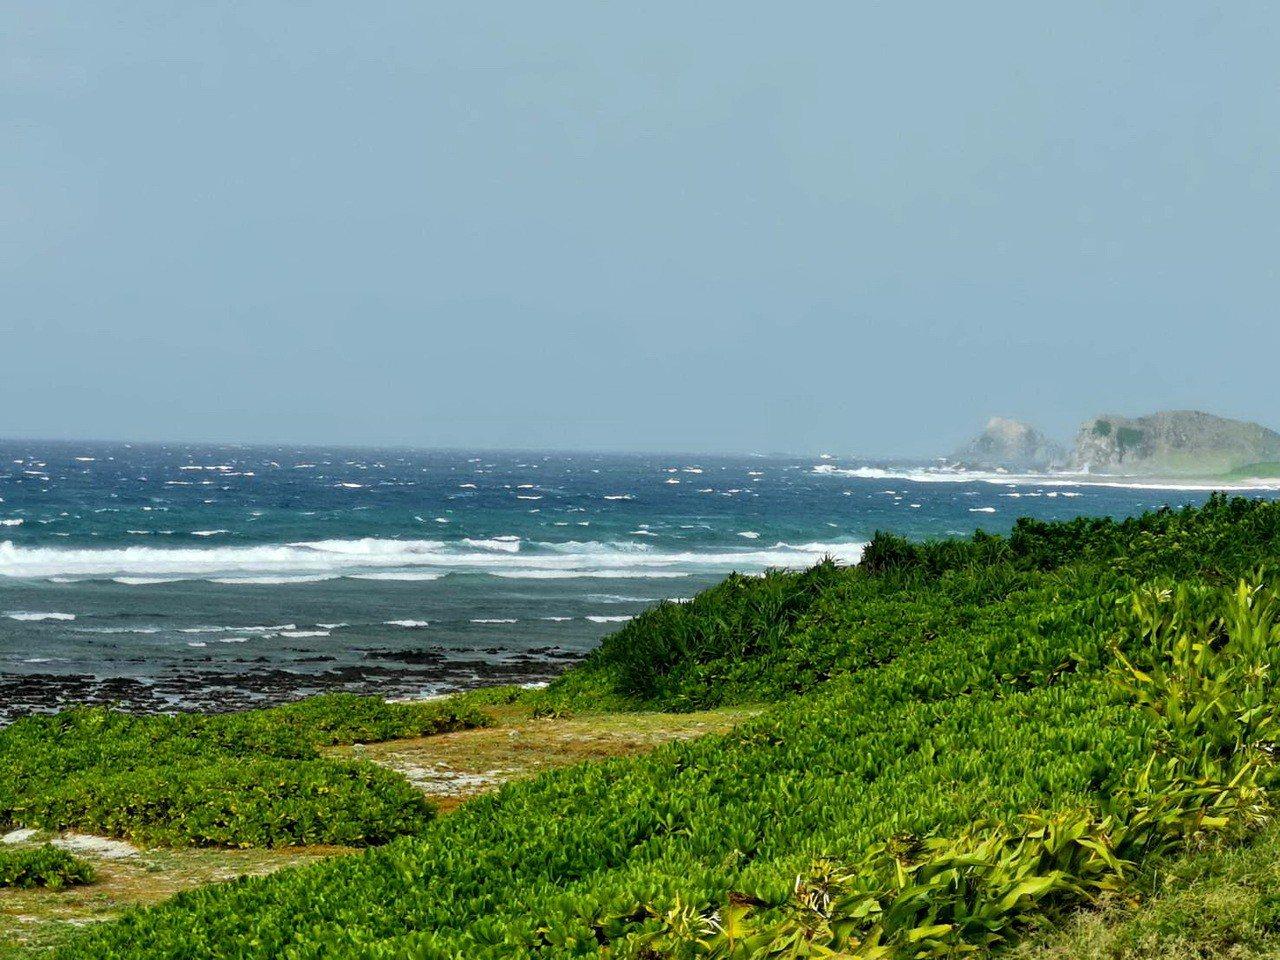 綠島今天中午雨勢稍停,但外海仍可見長浪不斷湧現。記者羅紹平/翻攝